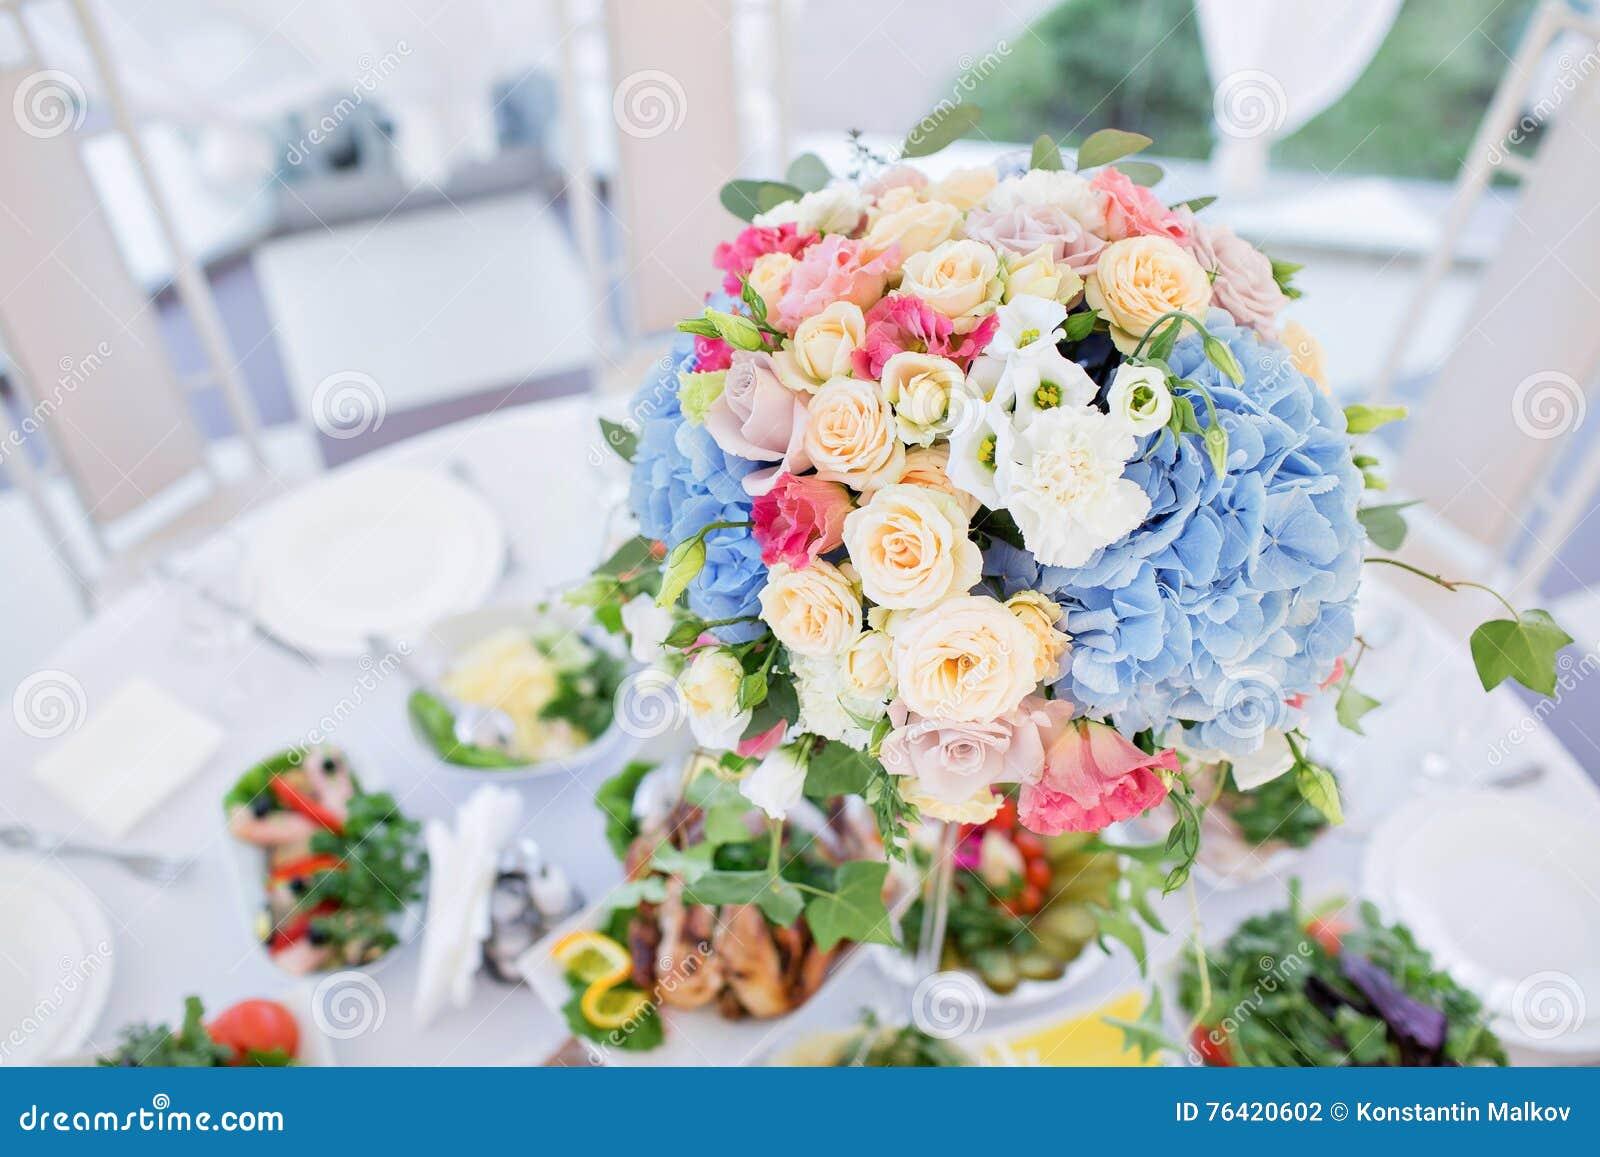 Composition florale fraîche sur la table de vacances Événement admirablement organisé - tables de banquet servies prêtes pour des